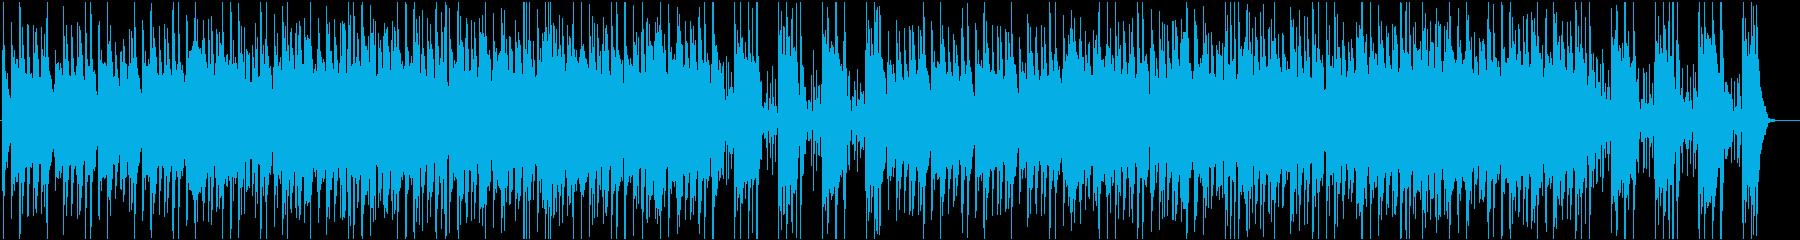 シンセベースが印象的な怪しい曲の再生済みの波形